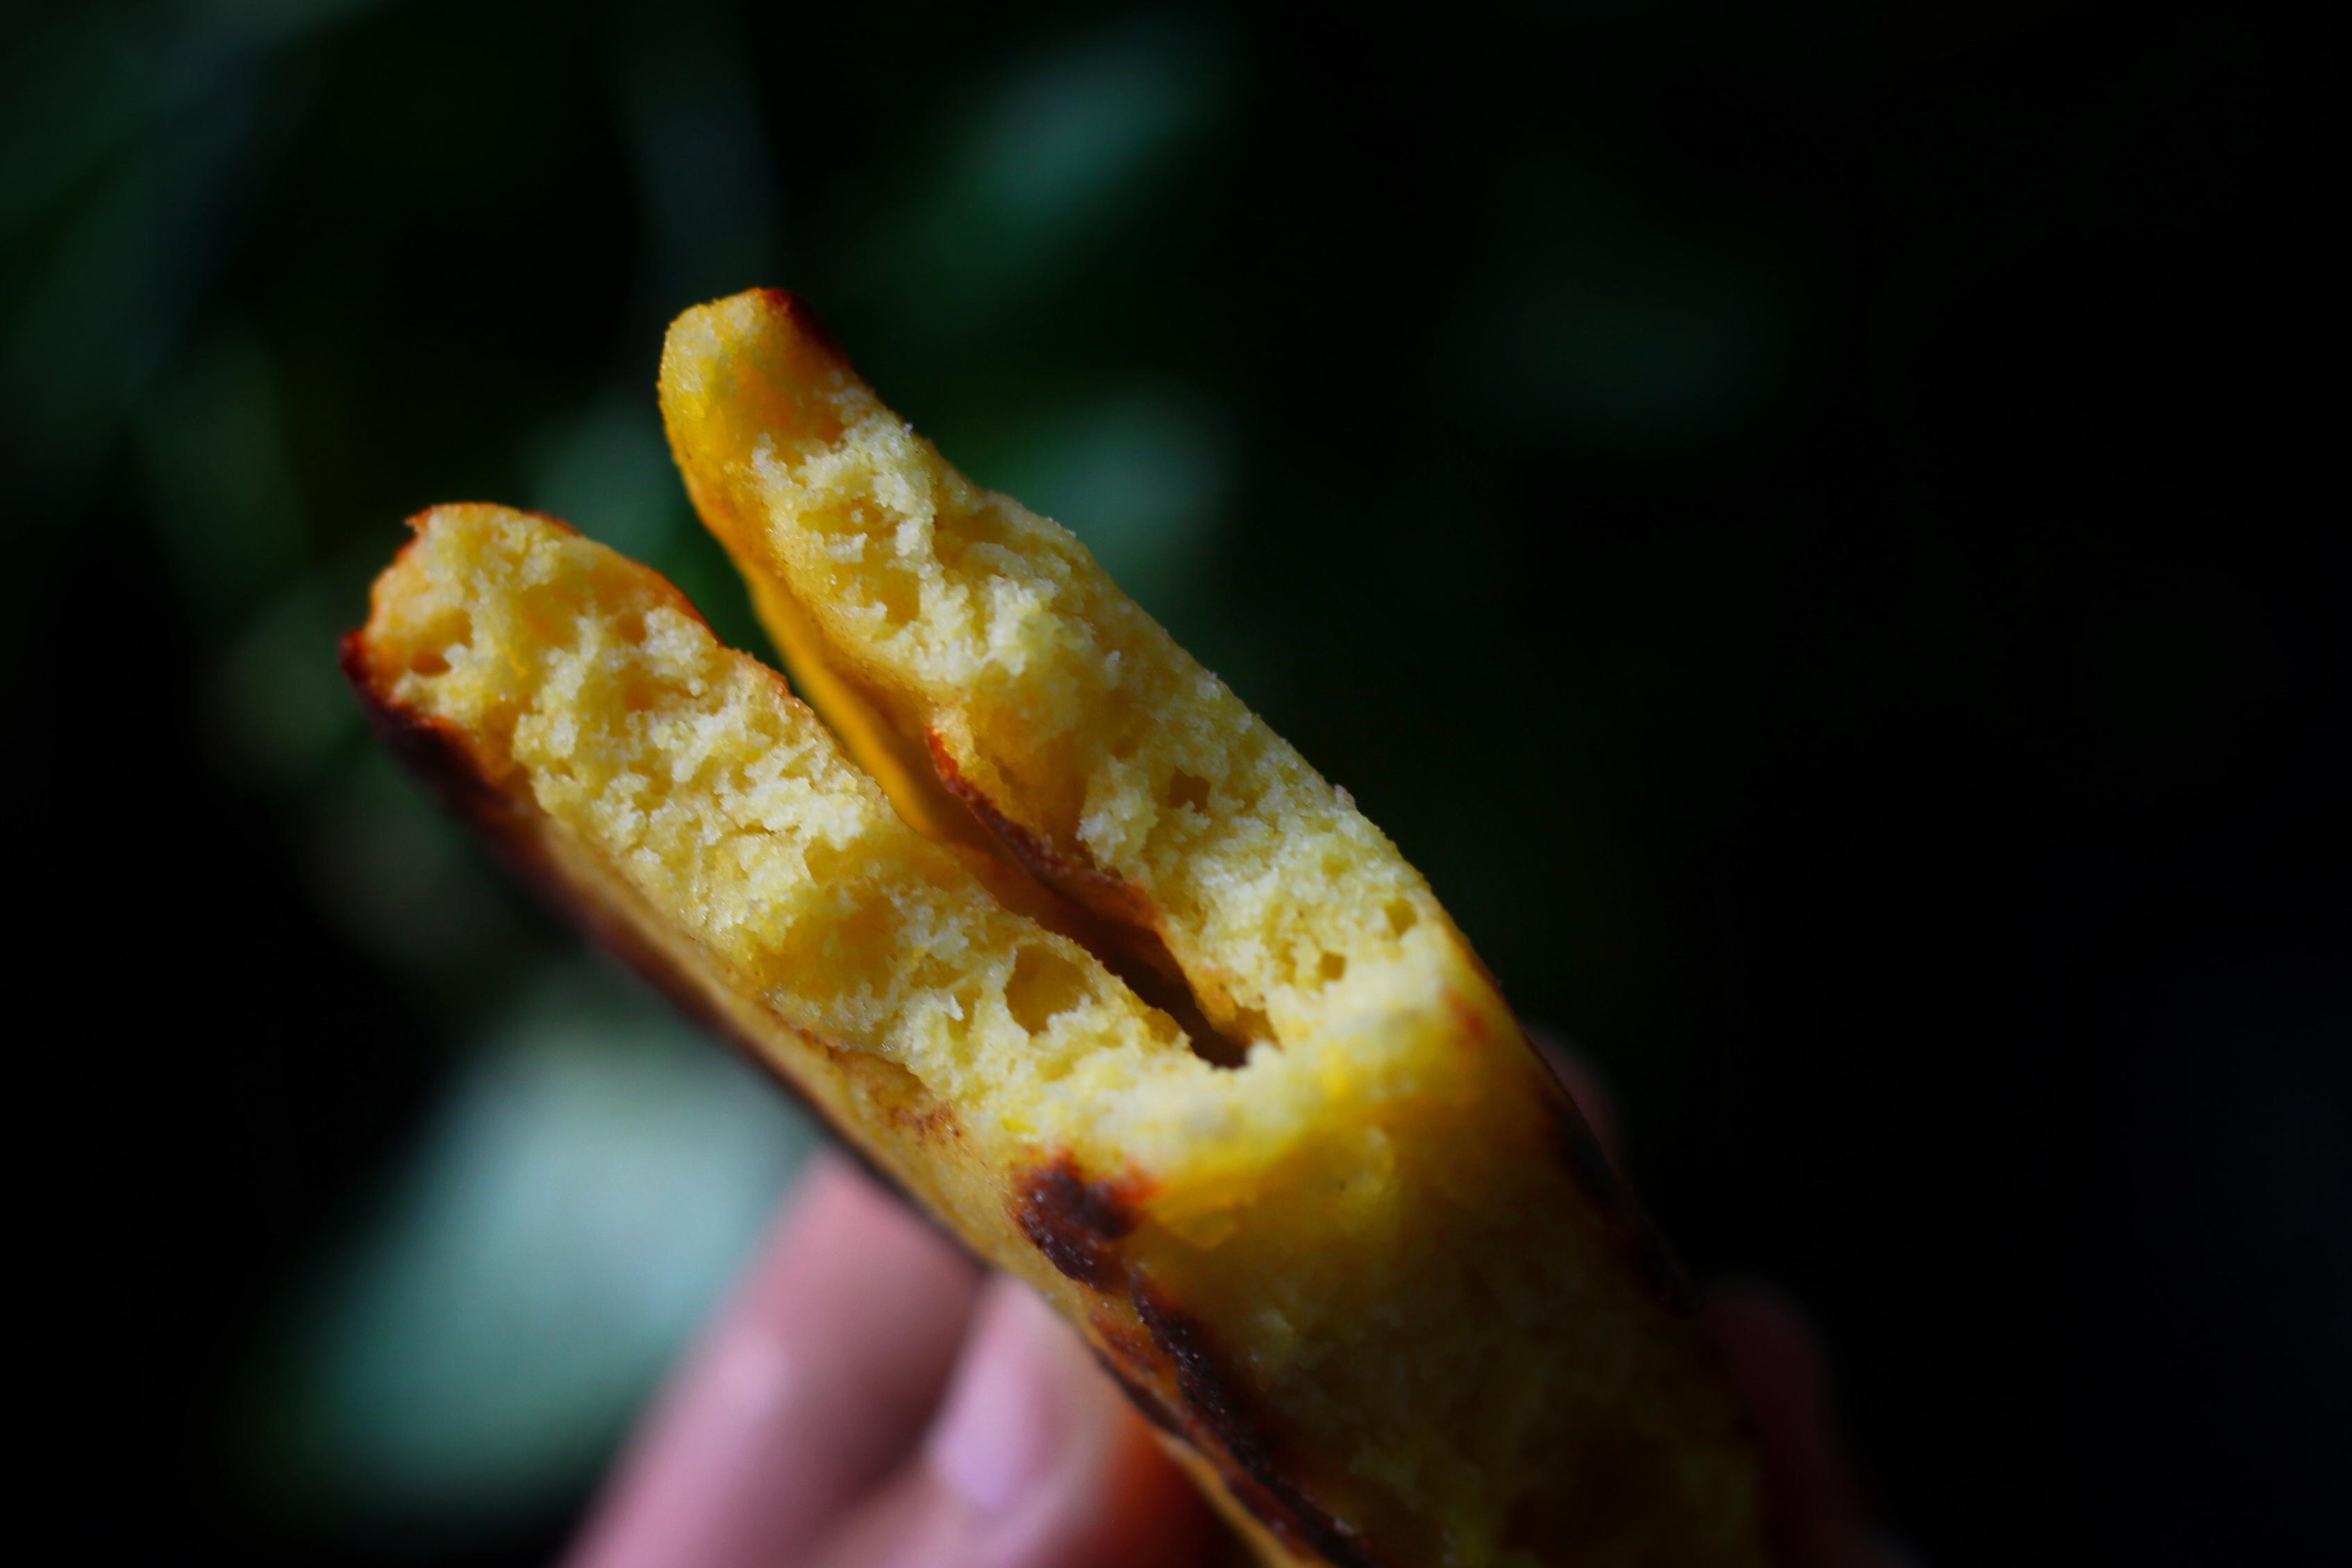 用南瓜做餅,又軟又香甜,如果不制止,孩子會拿起第三個第四個